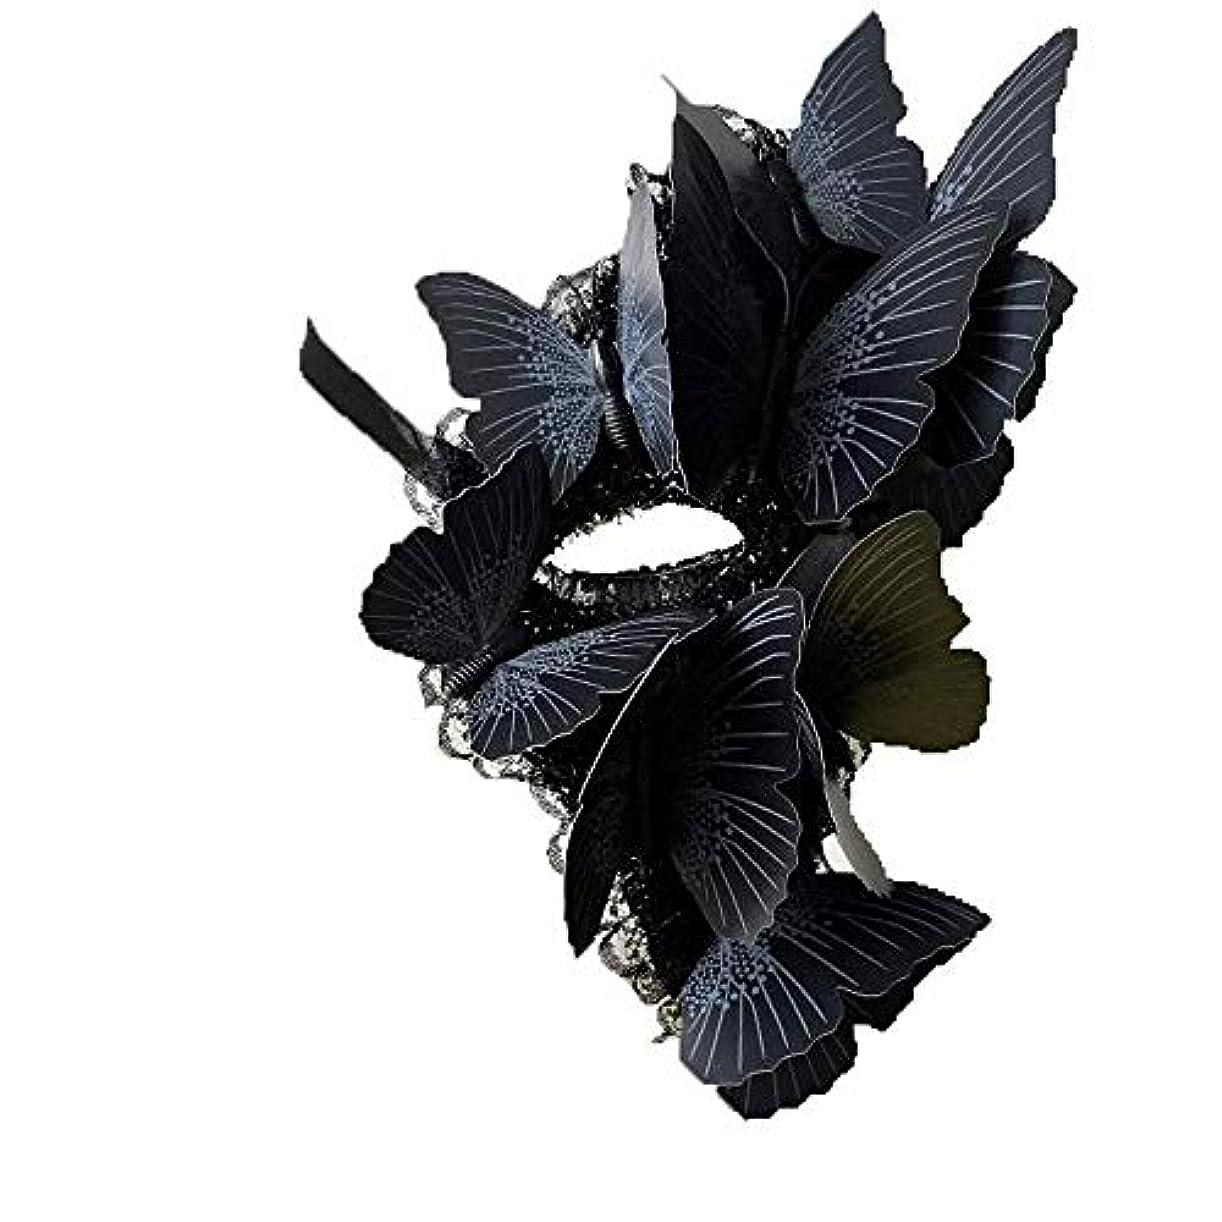 反論穴胚Nanle ハロウィーンの蝶単眼マスク仮装マスクレディミスプリンセス美しさの祭パーティ装飾 (色 : Style B, サイズ さいず : Right eye)